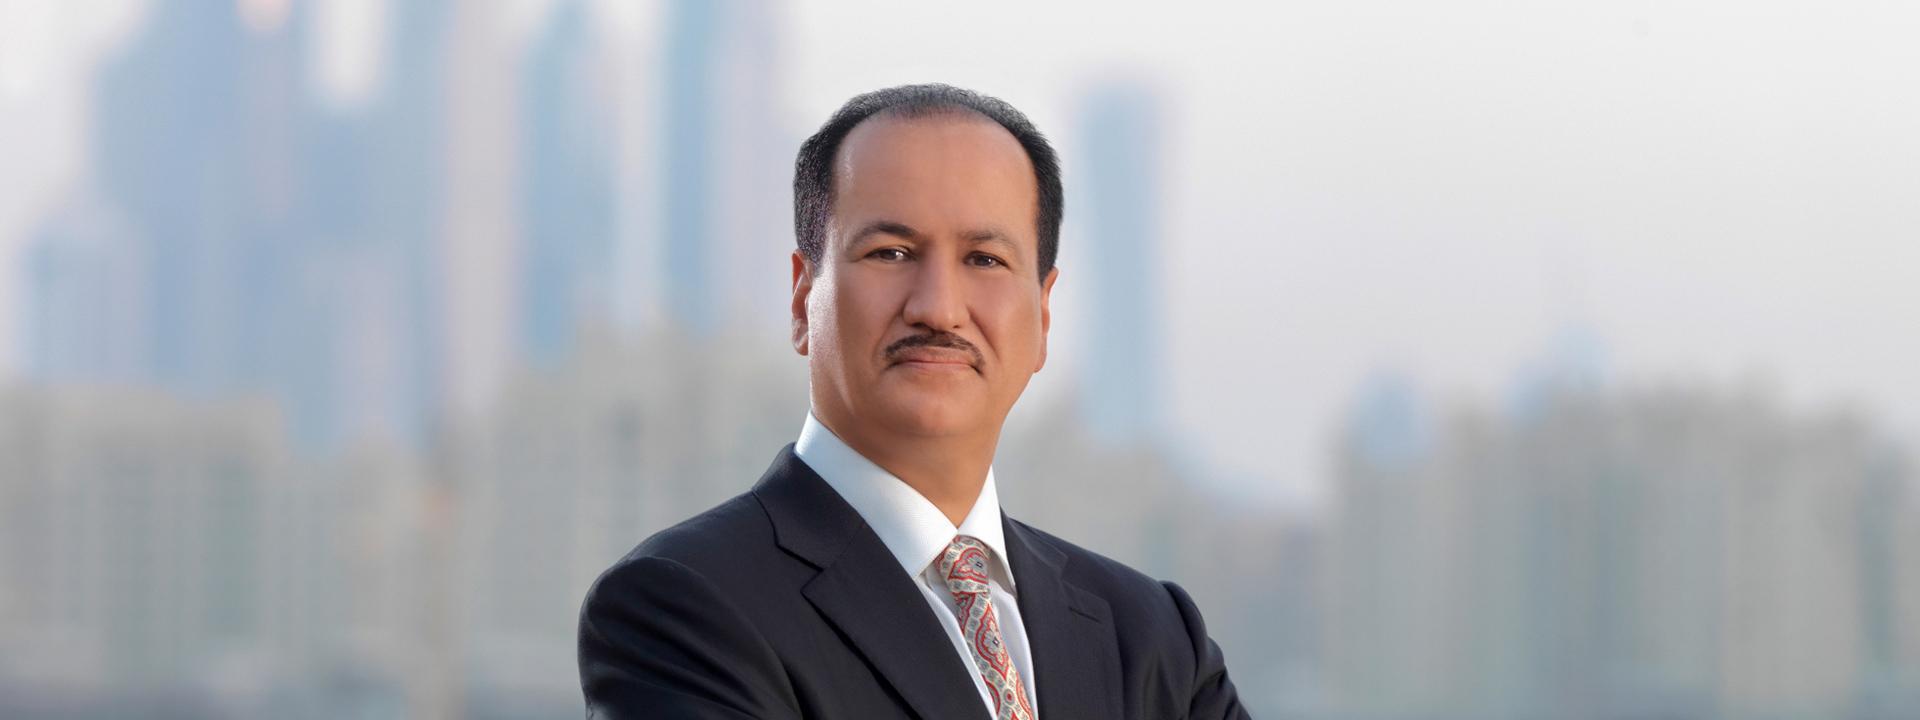 Hussain Sajwani Profile